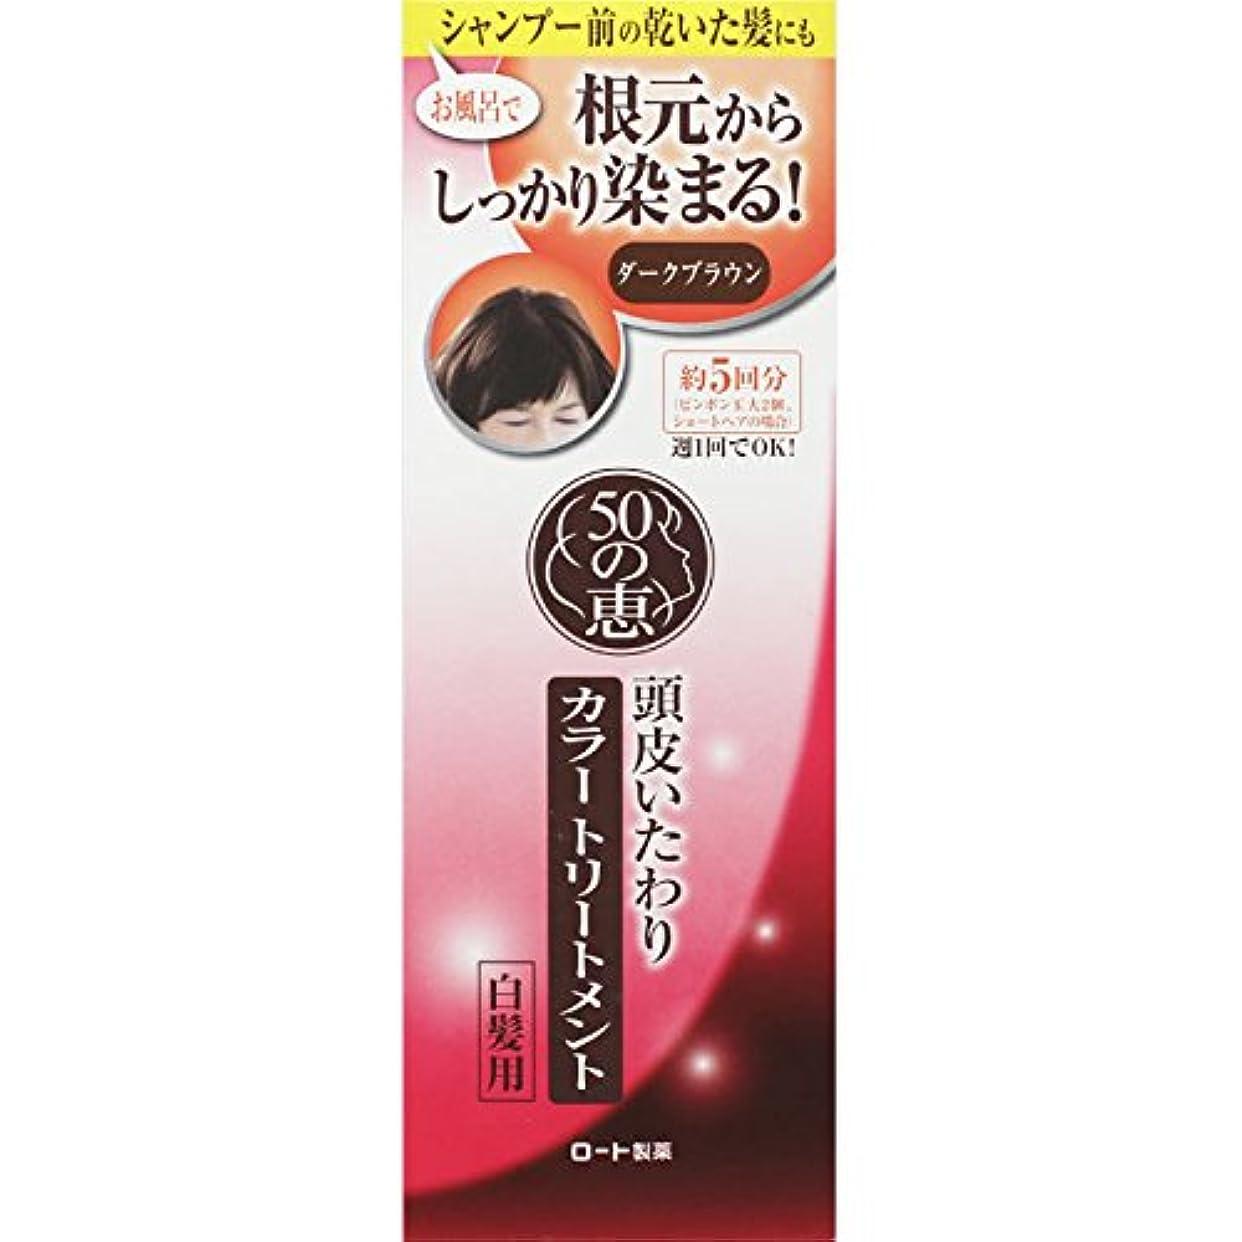 ワット酸化する浅いロート製薬 50の恵エイジングケア 頭皮いたわりカラートリートメント ダークブラウン 150g